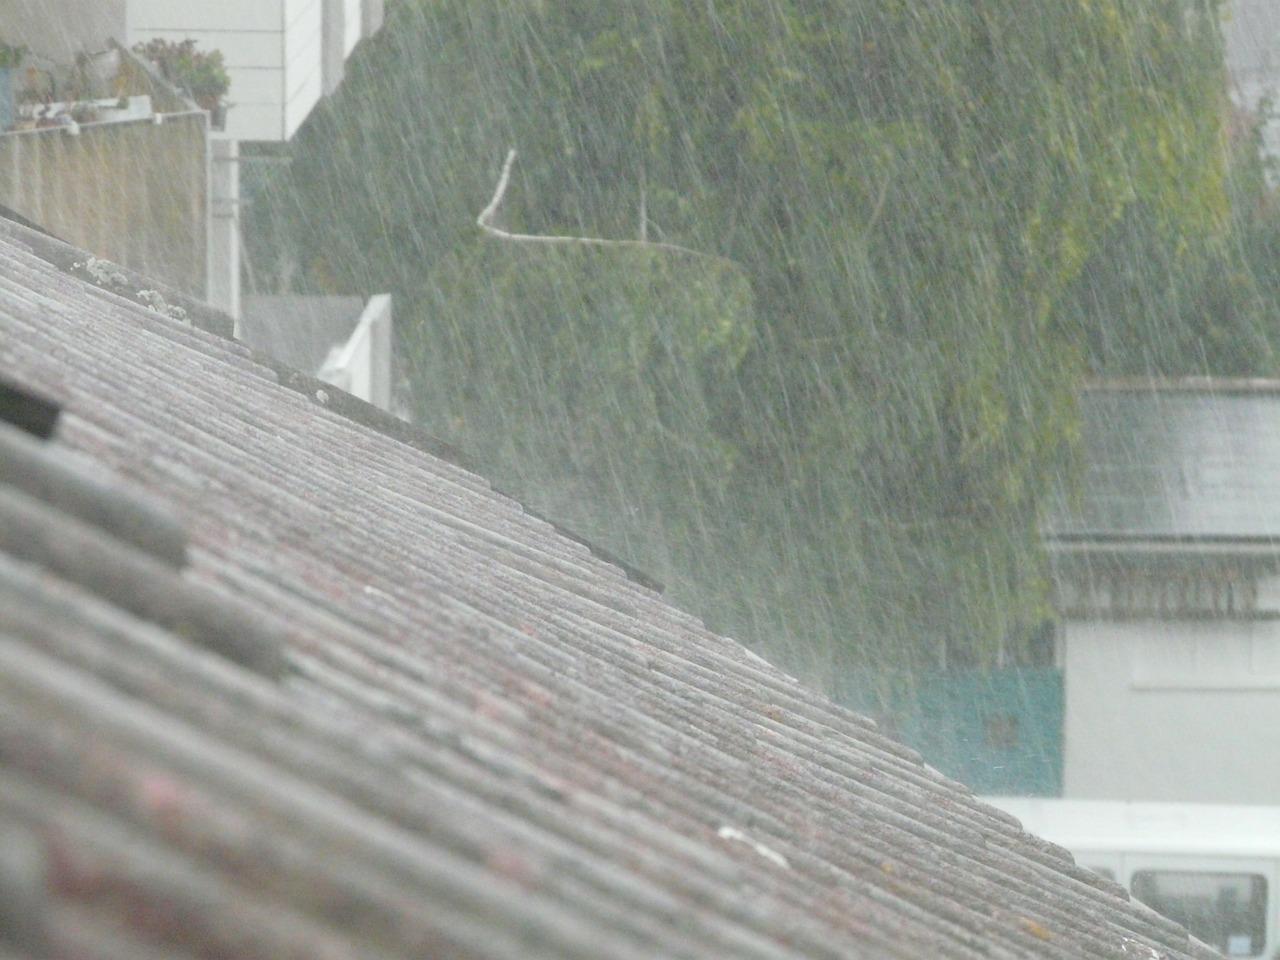 downpour-61916_1280